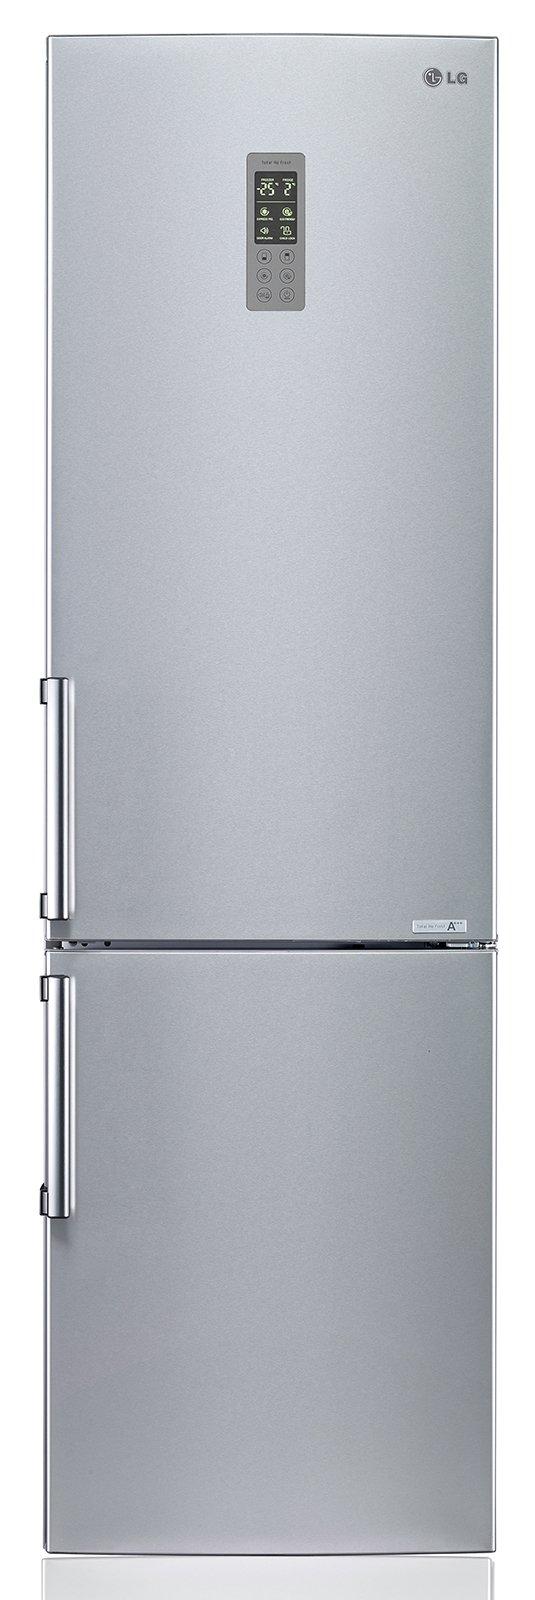 5lg-GBB530NSQXE-frigorifero